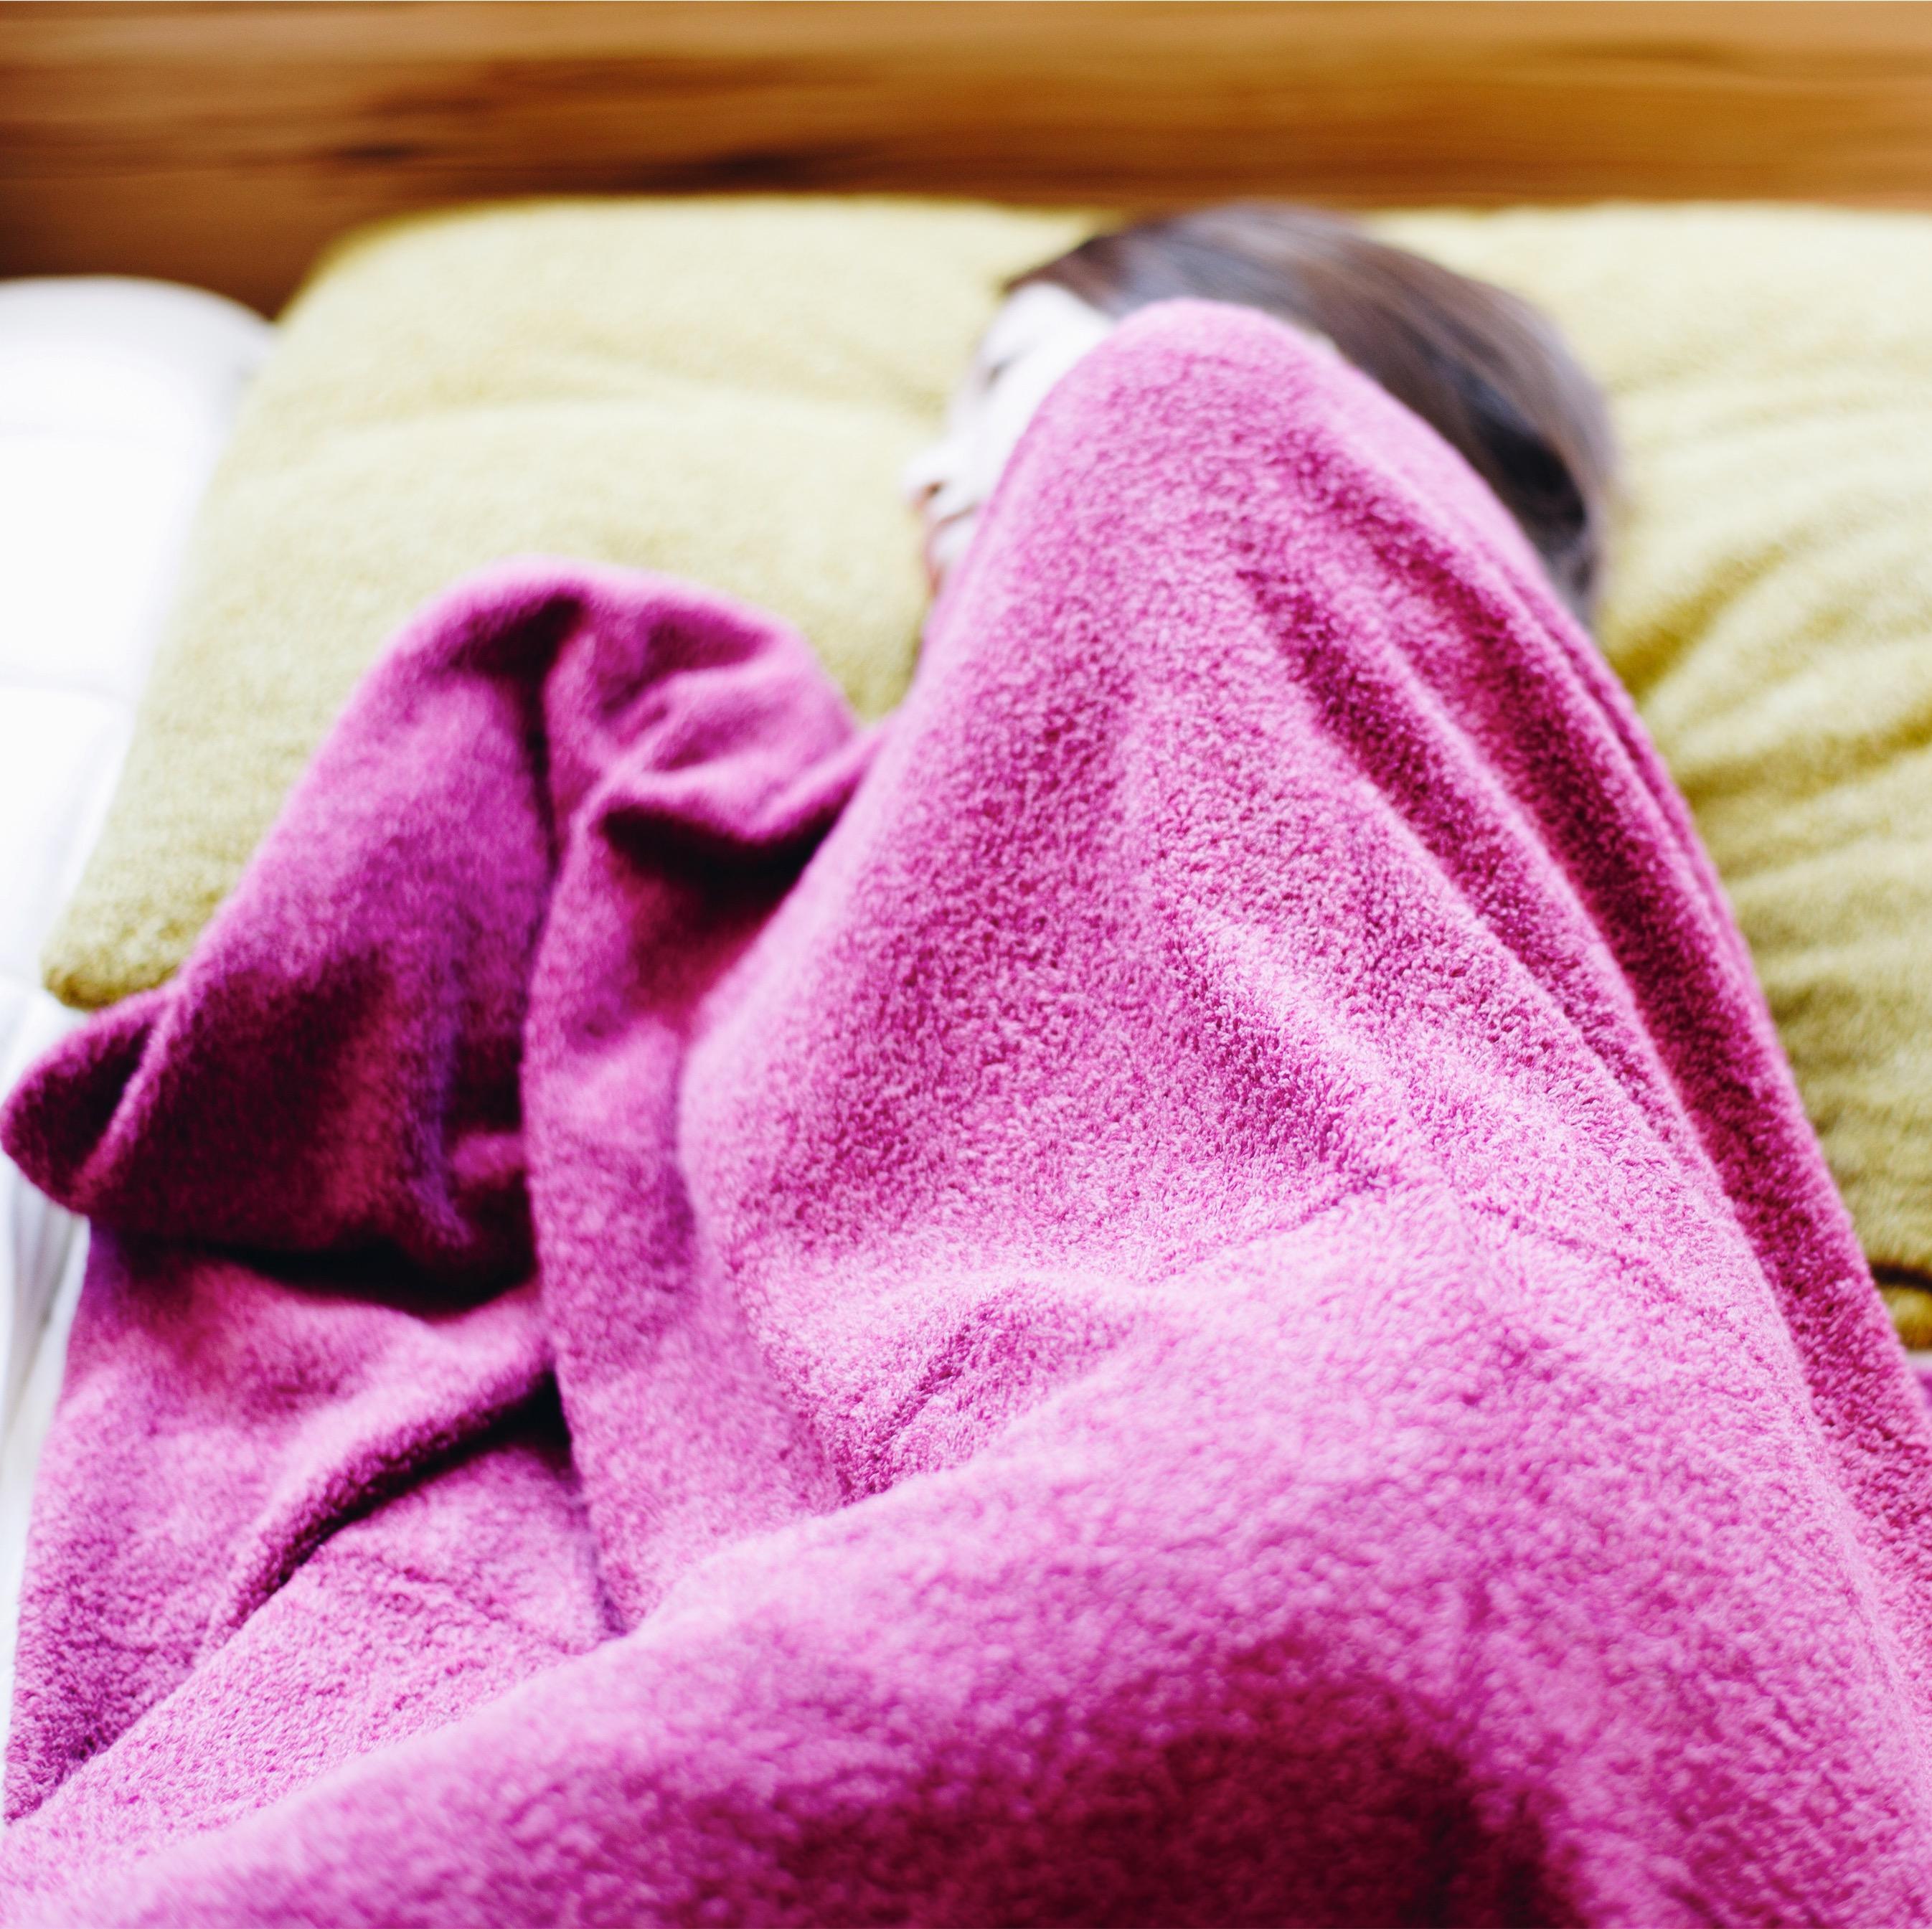 あなたの枕選びは間違っている!?首から肩にかけてフィットするU字型枕